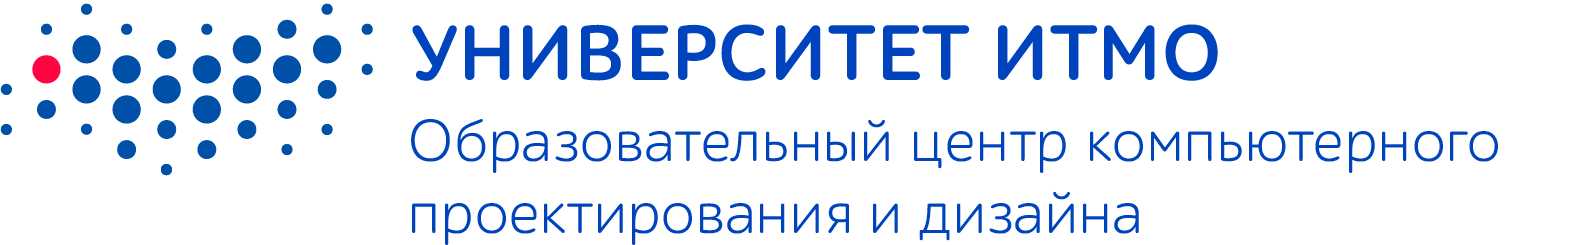 Кафедра компьютерного проектирования и дизайна